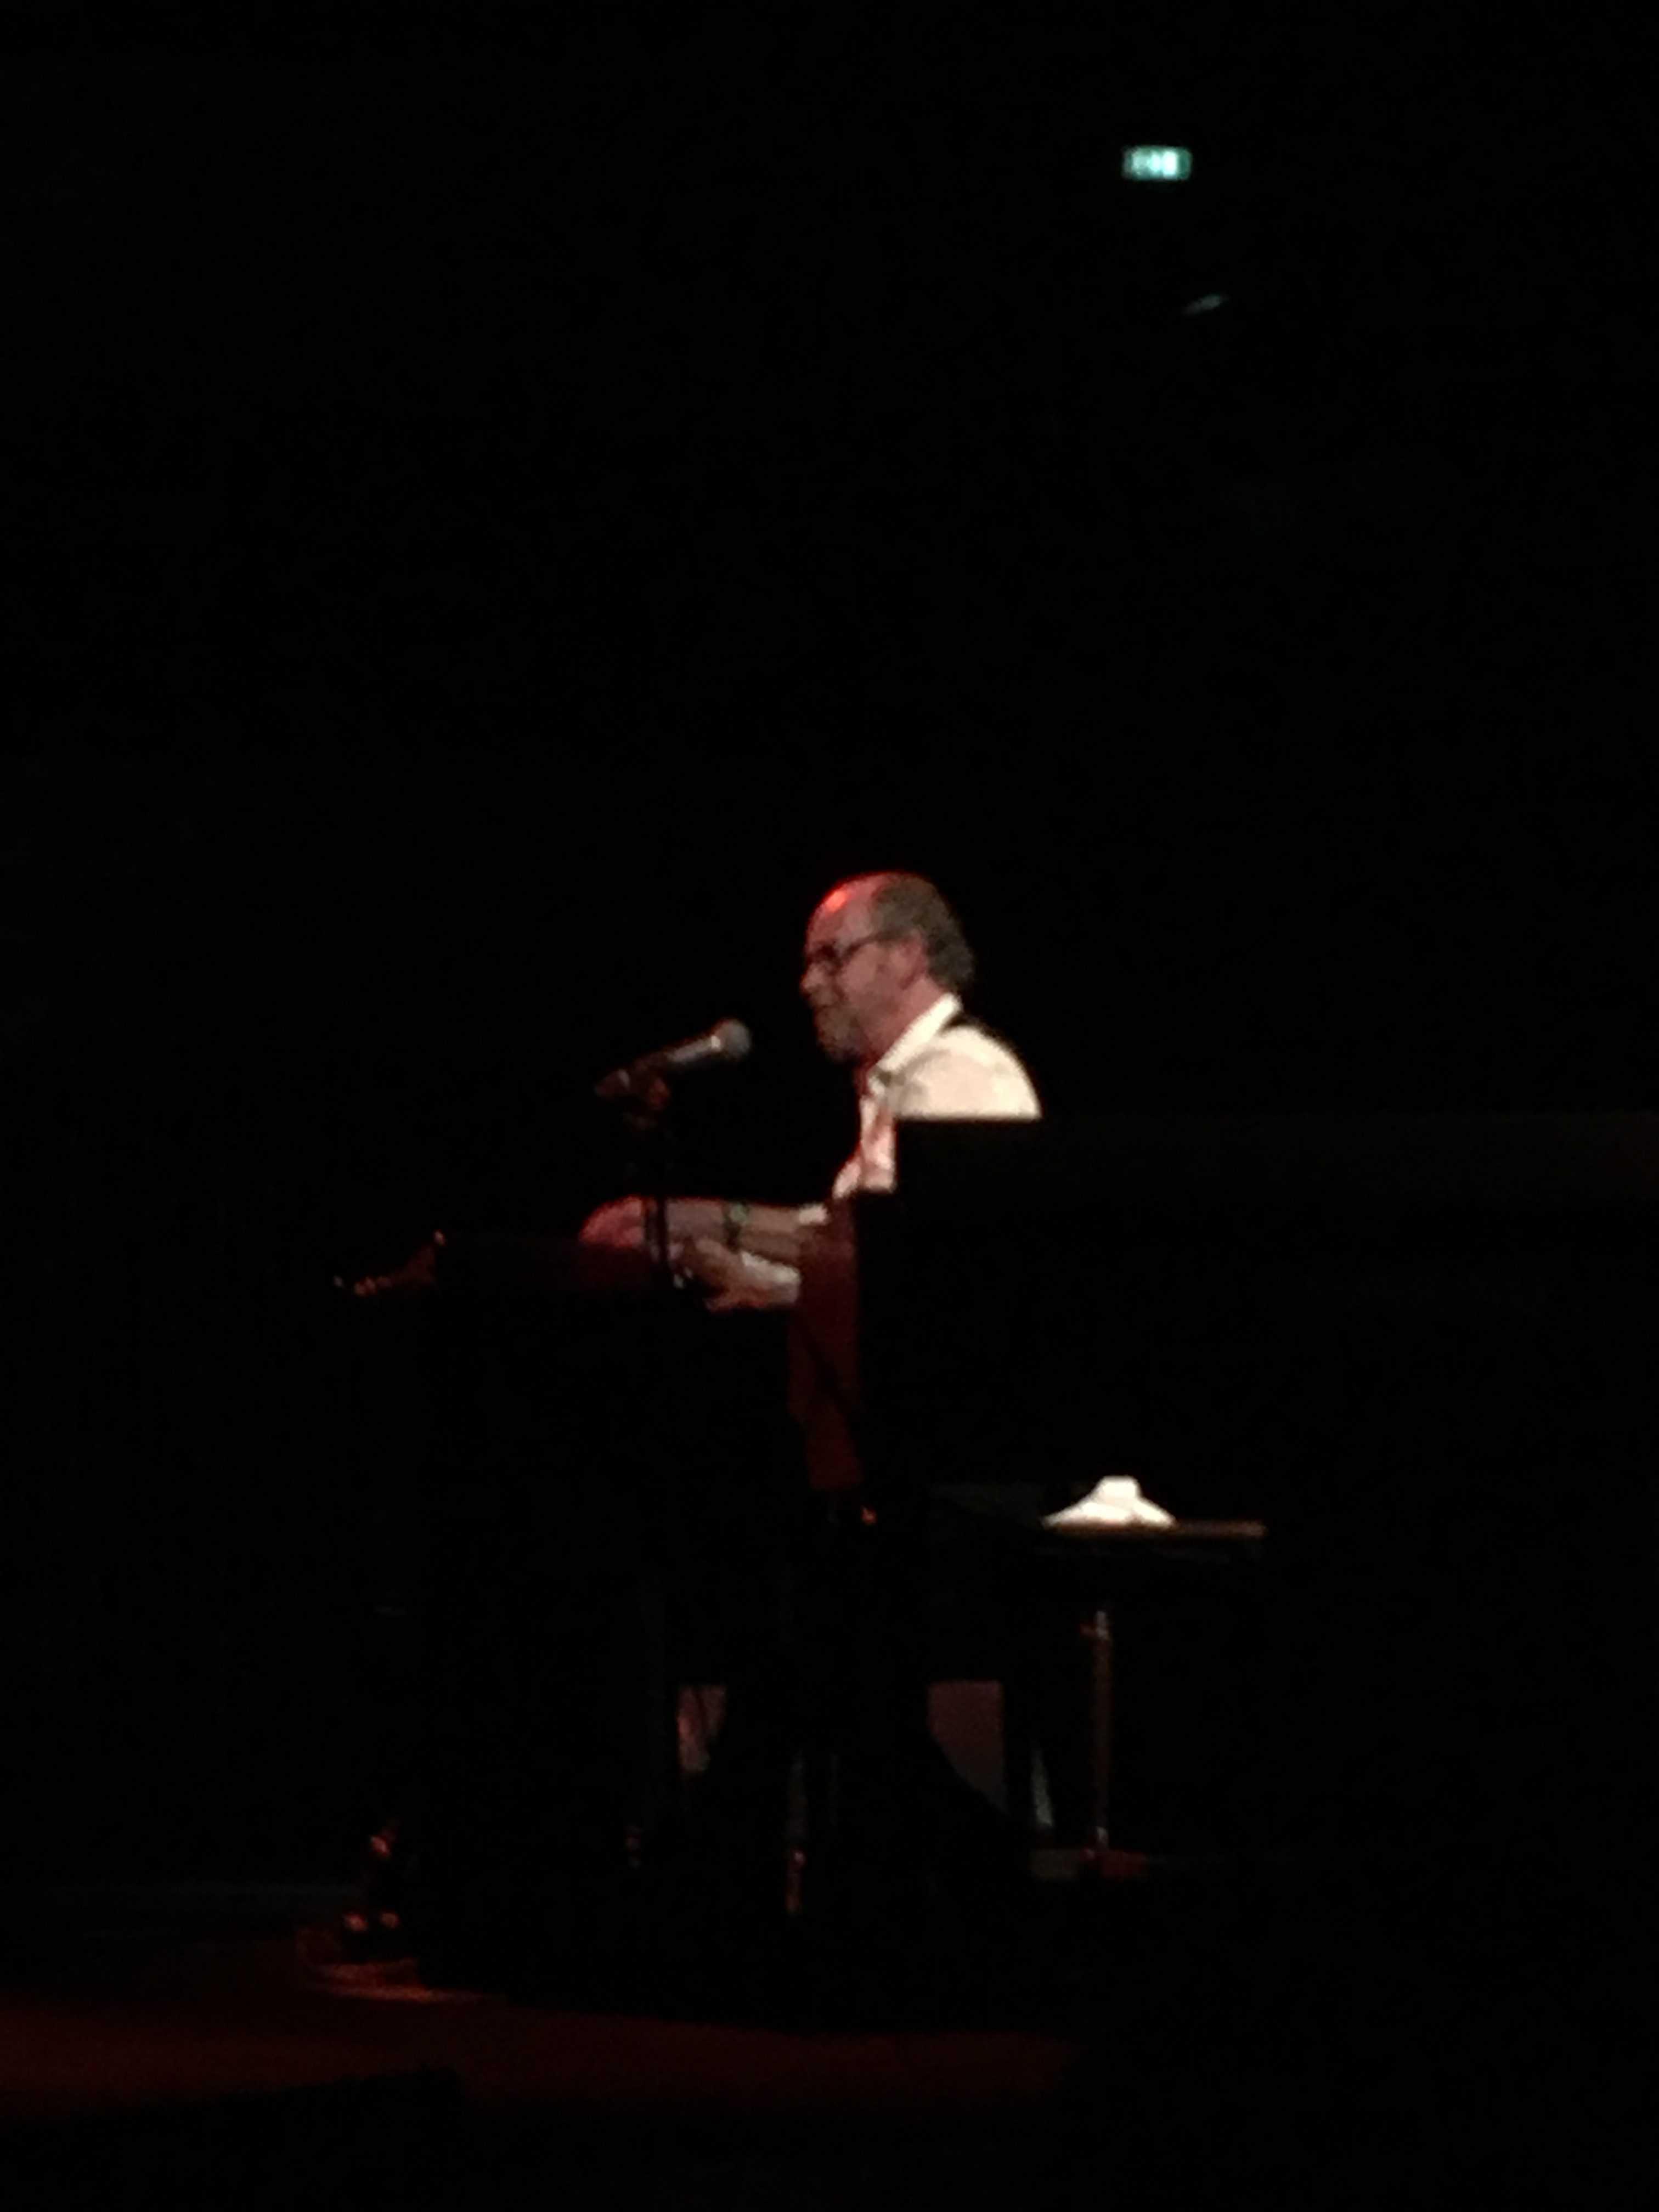 Keyboardspiller Pete Repete aka Sørensen